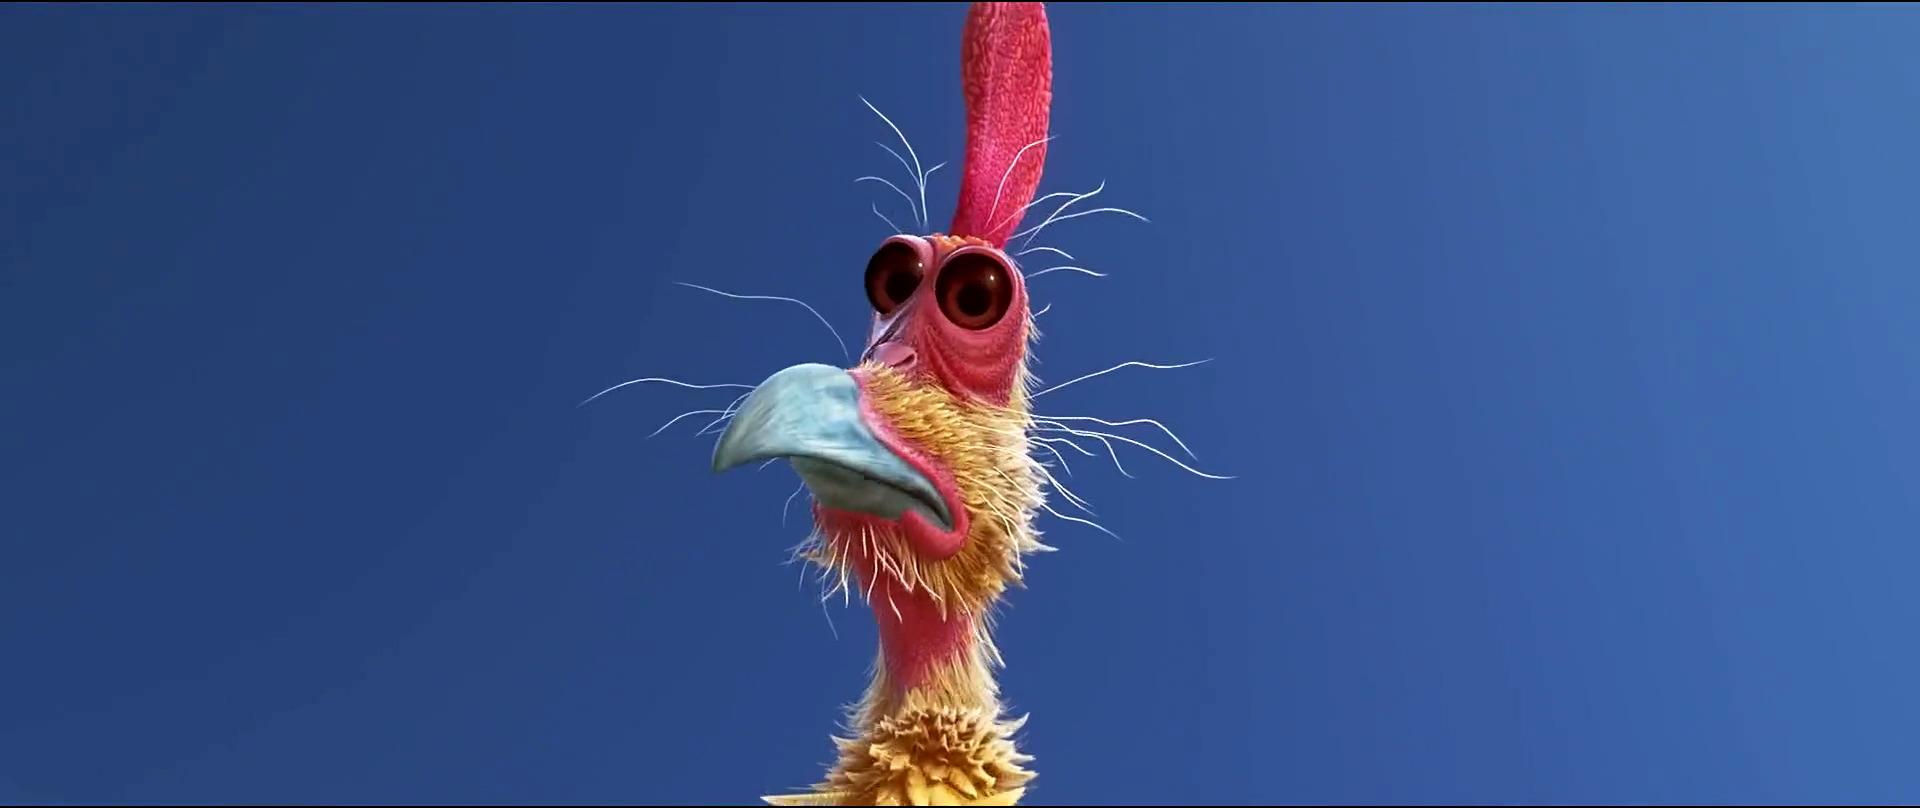 poulet-poussin-personnage-le-voyage-arlo-03